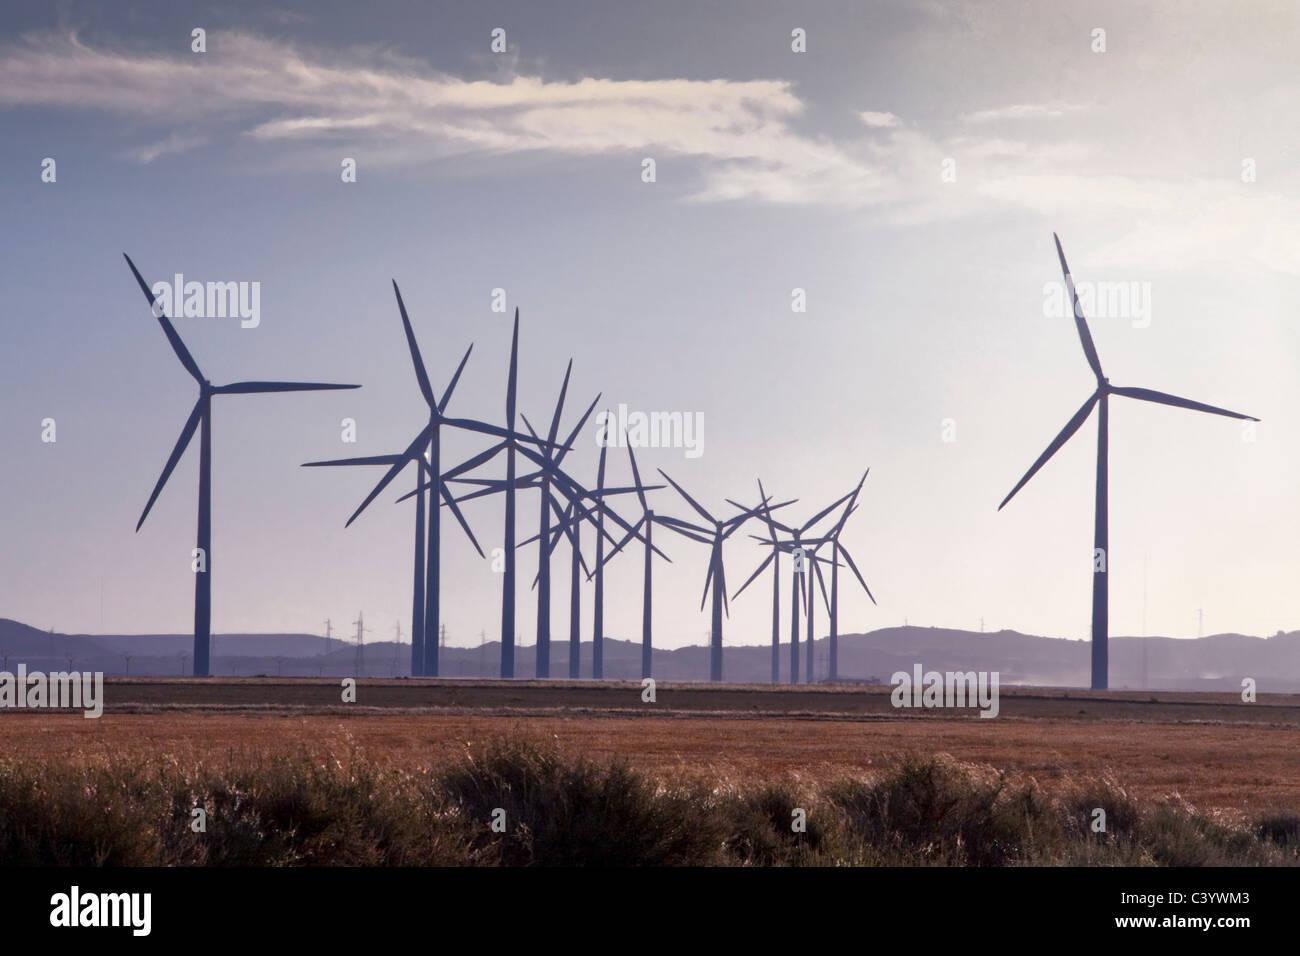 L'Espagne, l'Europe, Aragon, d'éoliennes, l'énergie éolienne, l'éolienne, Photo Stock